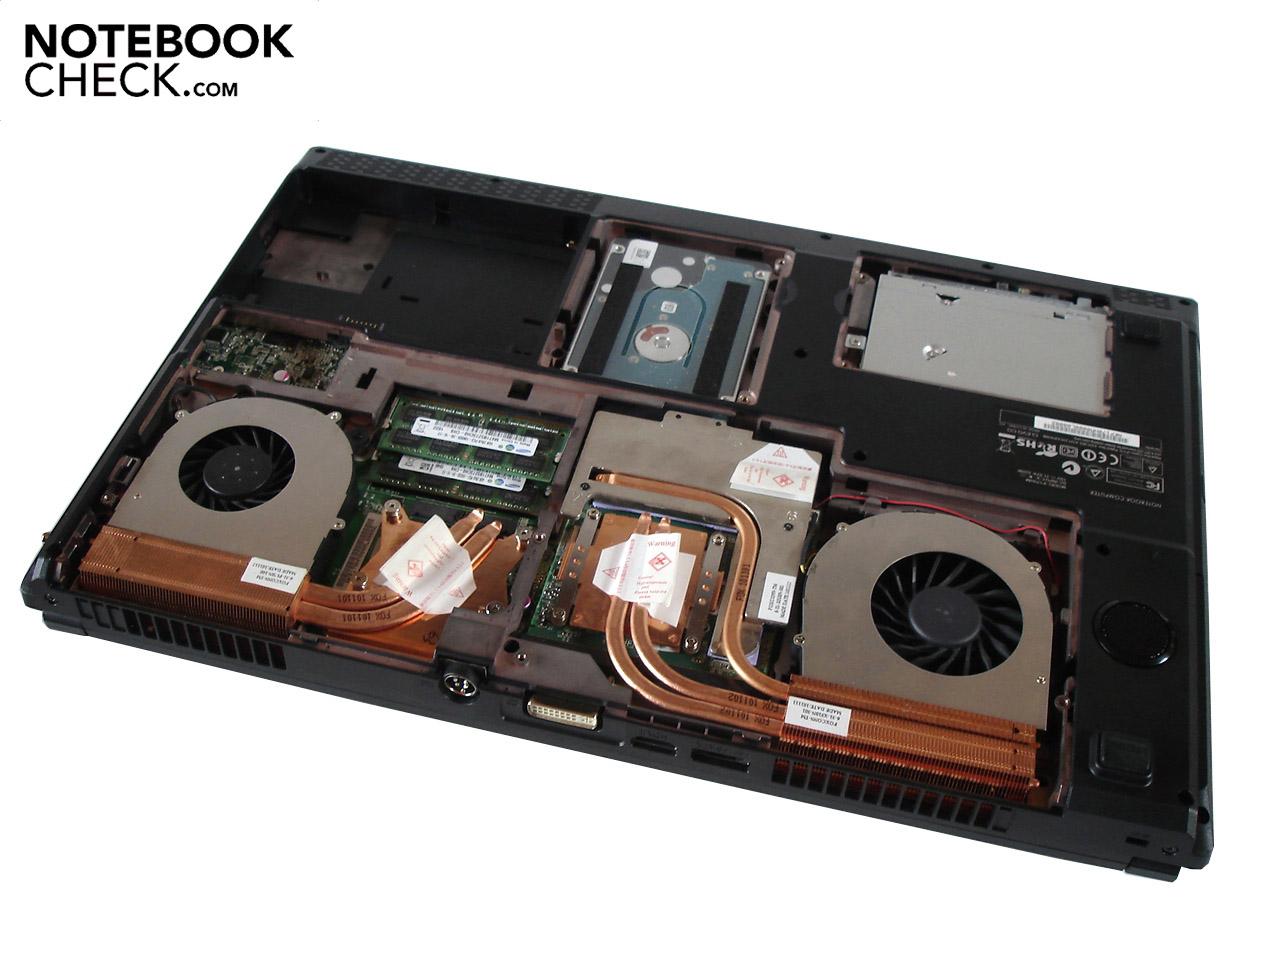 schwarzer bildschirm beim laptop hardware hardware. Black Bedroom Furniture Sets. Home Design Ideas